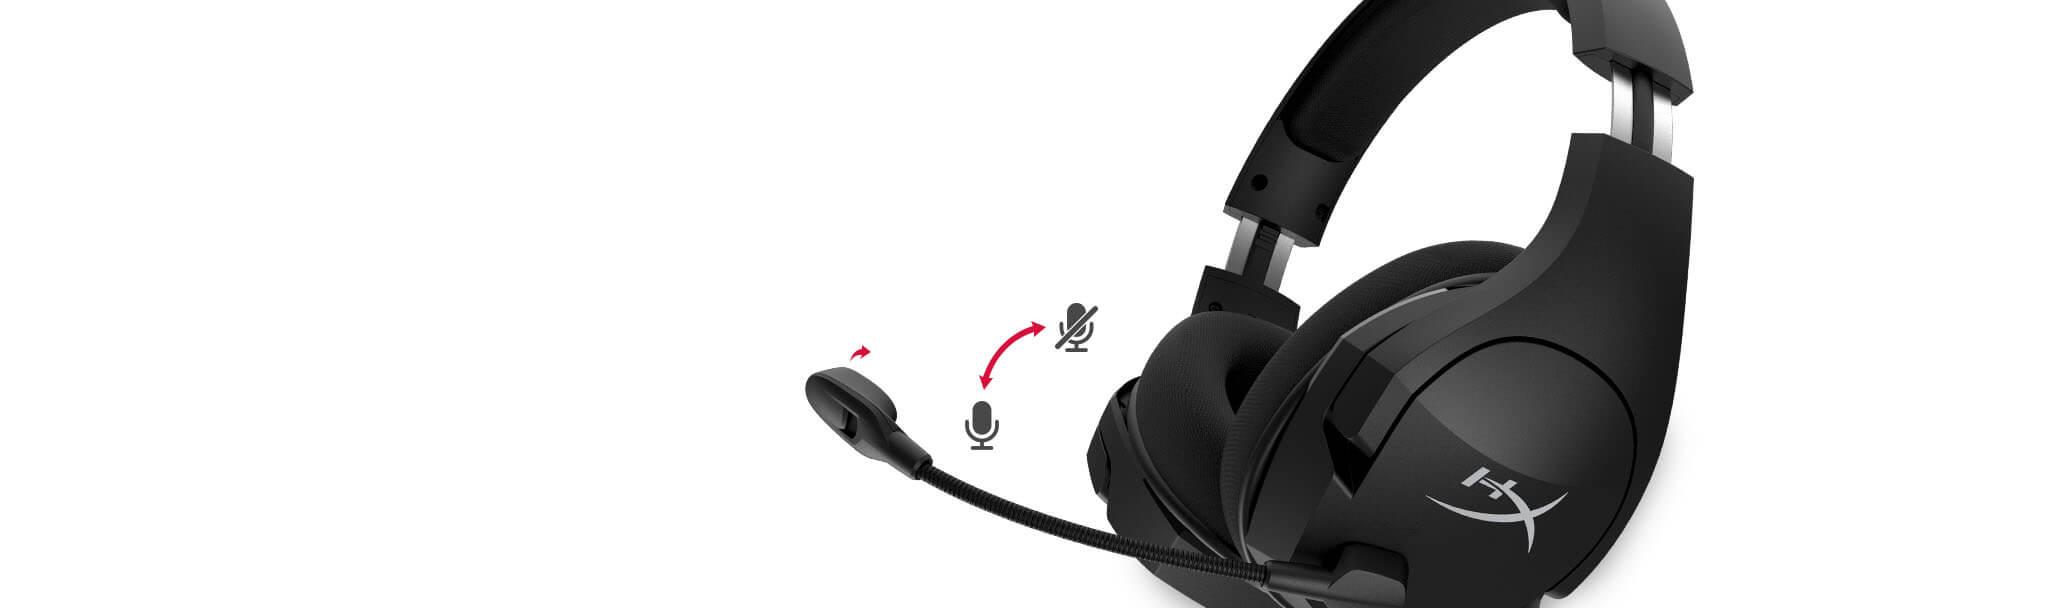 Tai nghe Kingston HyperX CLOUD STINGER CORE 7.1 WIRELESS Black - HHSS1C-BA-BK/G trang bị mic khử tiếng ồn hiệu quả